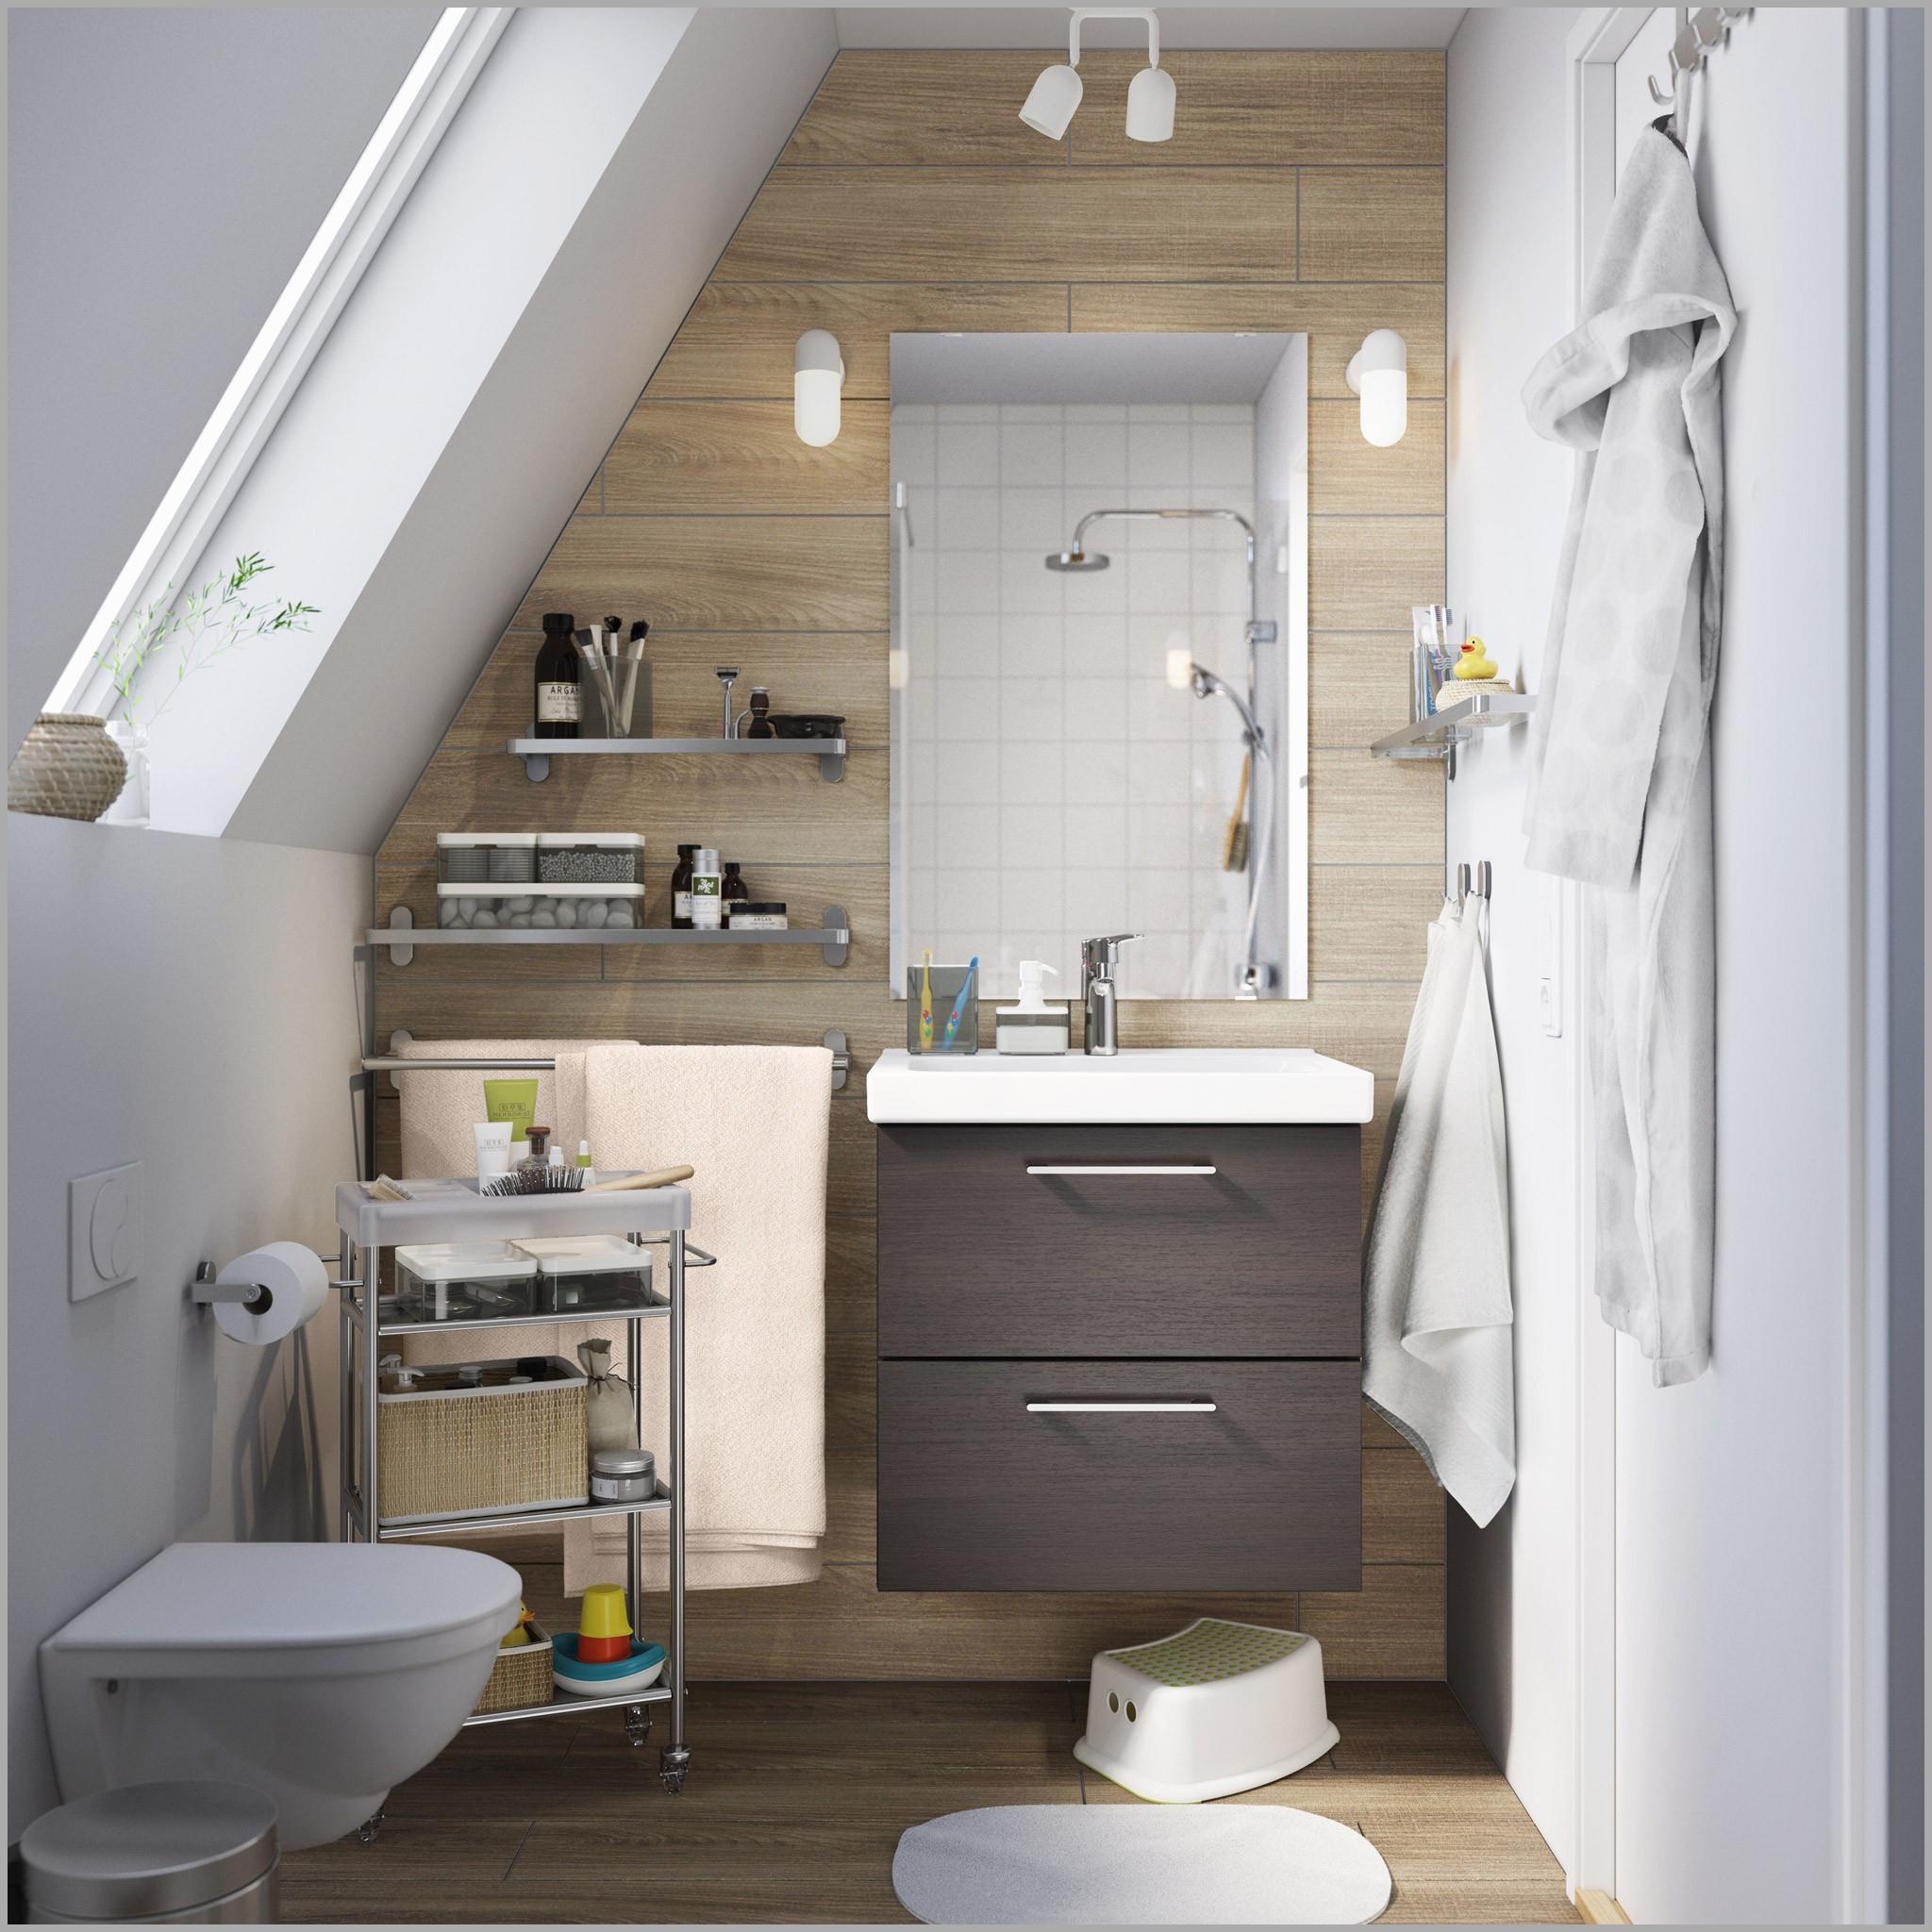 eclairage salle de bain ikea beau photographie l clairage. Black Bedroom Furniture Sets. Home Design Ideas